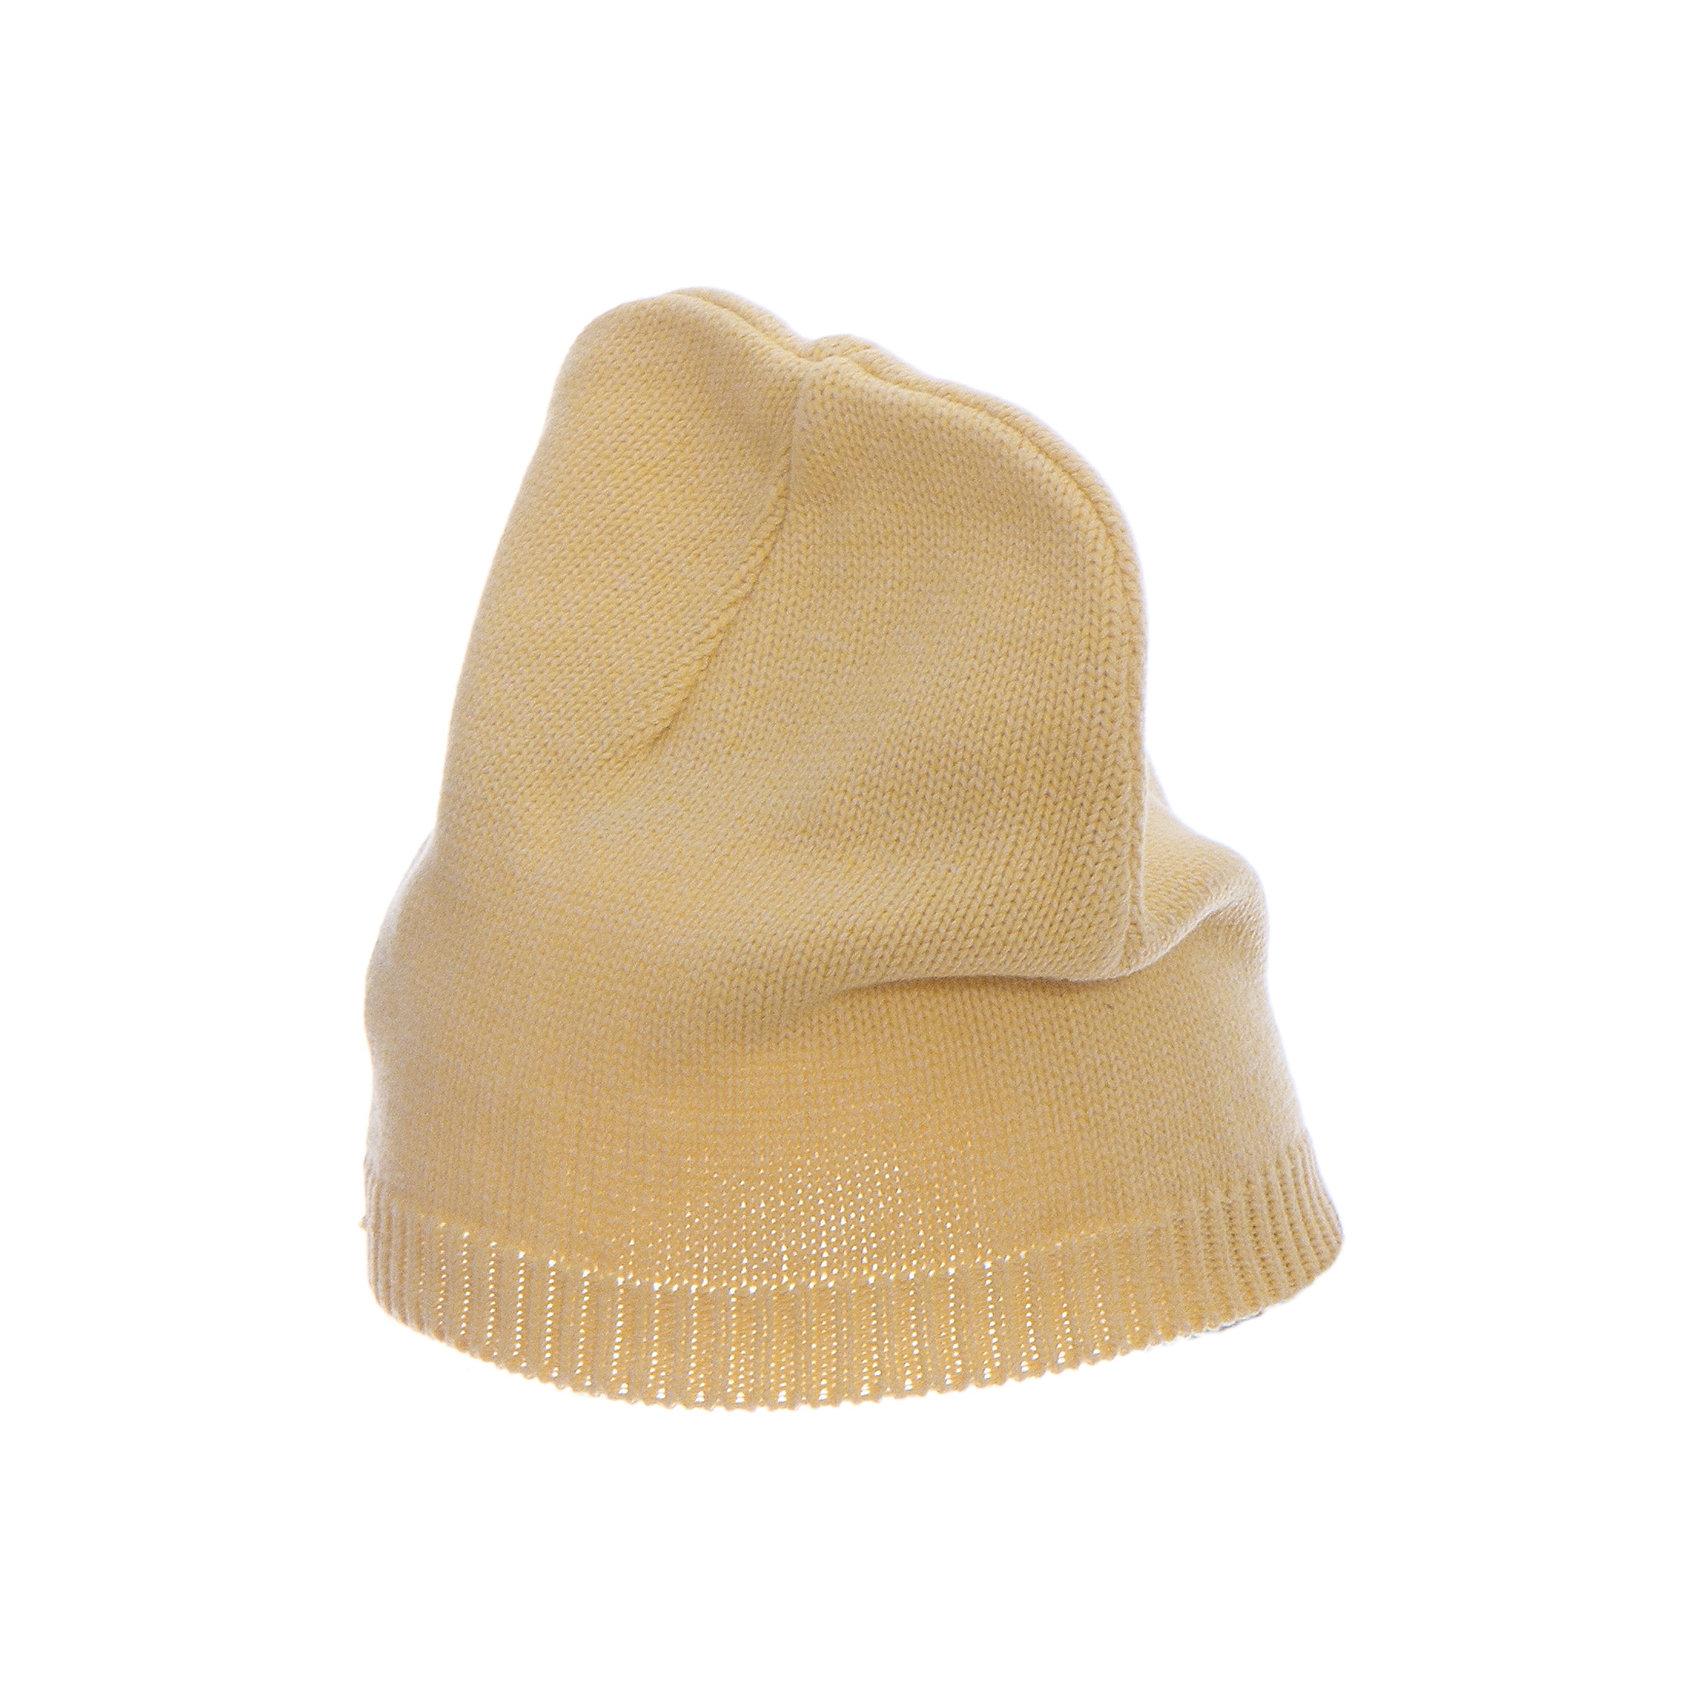 Шапка  BUTTON BLUEГоловные уборы<br>Шапка  BUTTON BLUE<br>Вязаные шапки - важный атрибут повседневного гардероба! Они отлично согревают, а также украшают и завершают весенний комплект. У них один недостаток: они часто теряются. Шапки забывают в парке, в школе, в детском саду, поэтому их в гардеробе должно быть много, а значит, шапки надо покупать по доступной цене. Купить недорого шапку для девочки от Button Blue, значит, позаботиться о здоровье, красоте и комфорте ребенка.<br>Состав:<br>100%  хлопок<br><br>Ширина мм: 89<br>Глубина мм: 117<br>Высота мм: 44<br>Вес г: 155<br>Цвет: желтый<br>Возраст от месяцев: 24<br>Возраст до месяцев: 36<br>Пол: Унисекс<br>Возраст: Детский<br>Размер: 50,56,52,54<br>SKU: 5523963